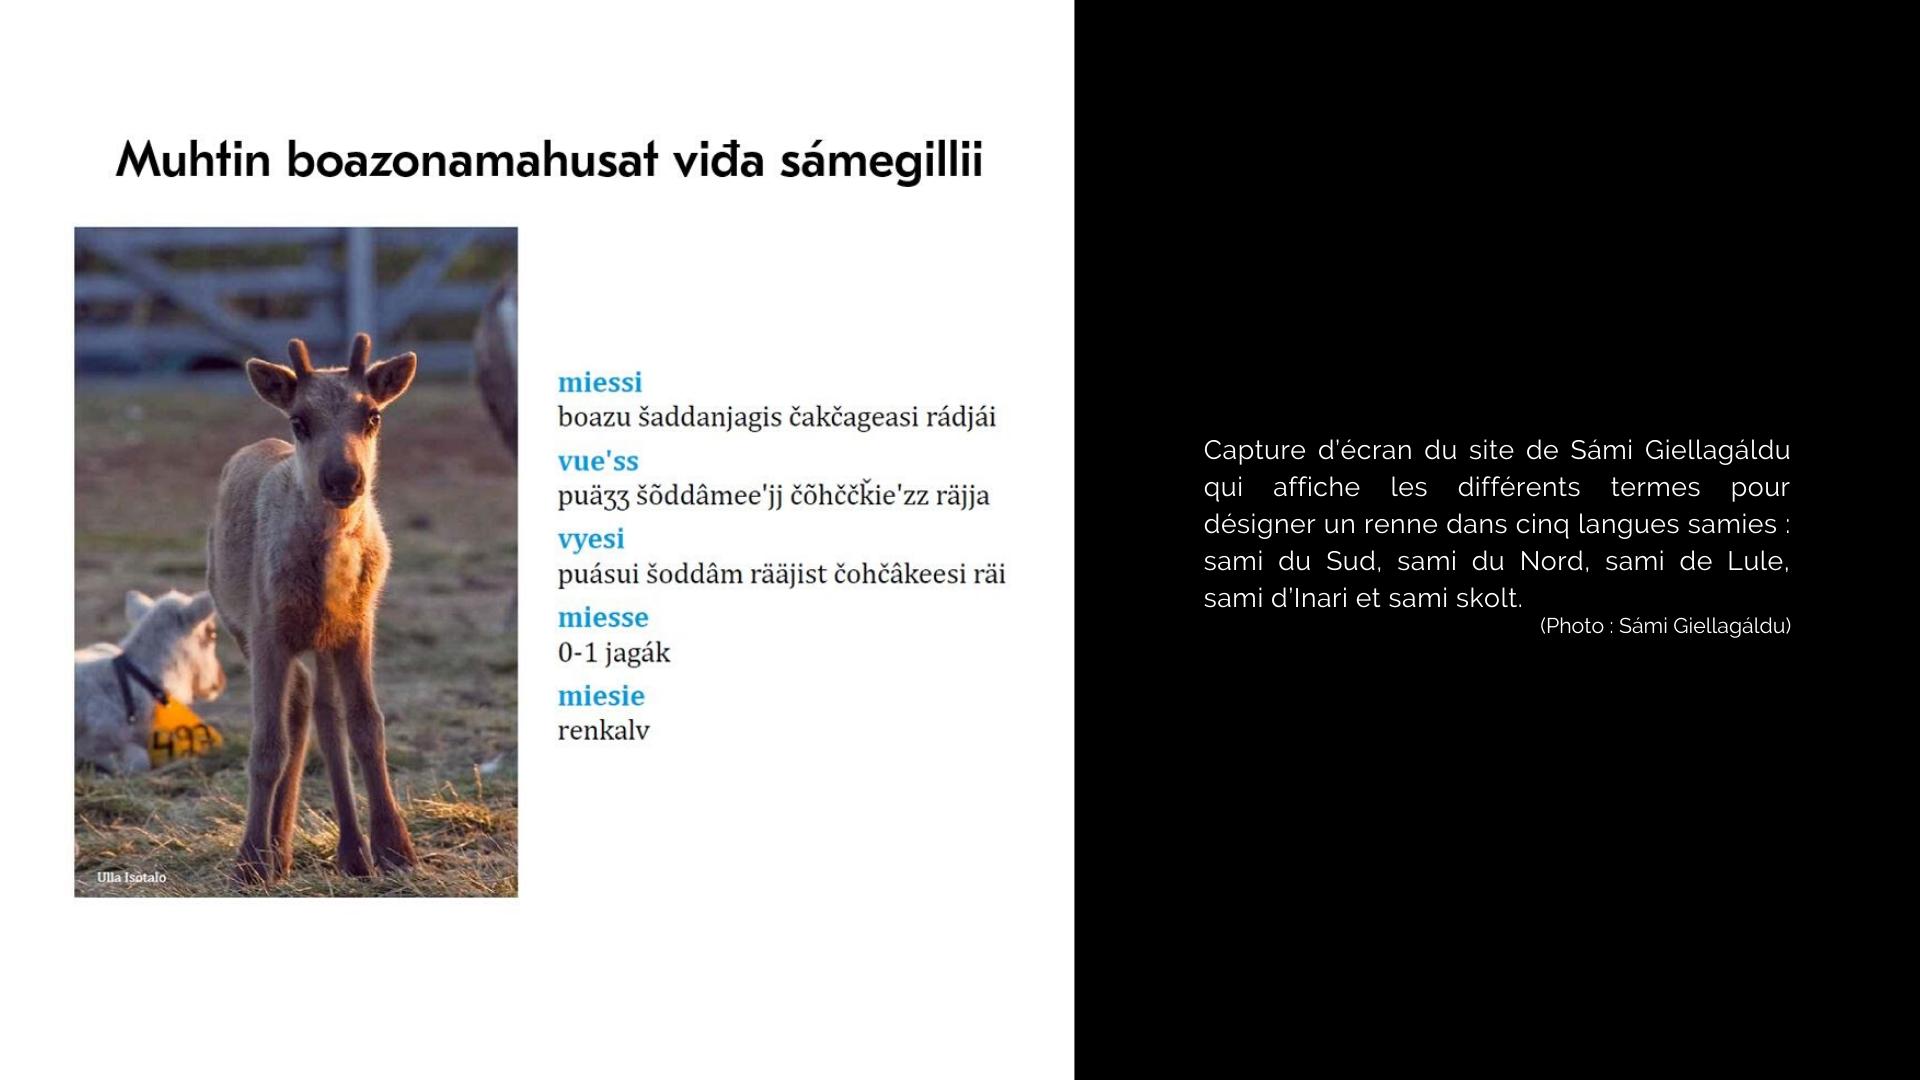 Capture d'écran du site de Sámi Giellagáldu qui affiche les différents termes pour désigner un renne dans les cinq langues samies: sami du Sud, sami du Nord, sami de Lule, sami d'Inari et sami skolt. (photo: Sámi Giellagáldu)